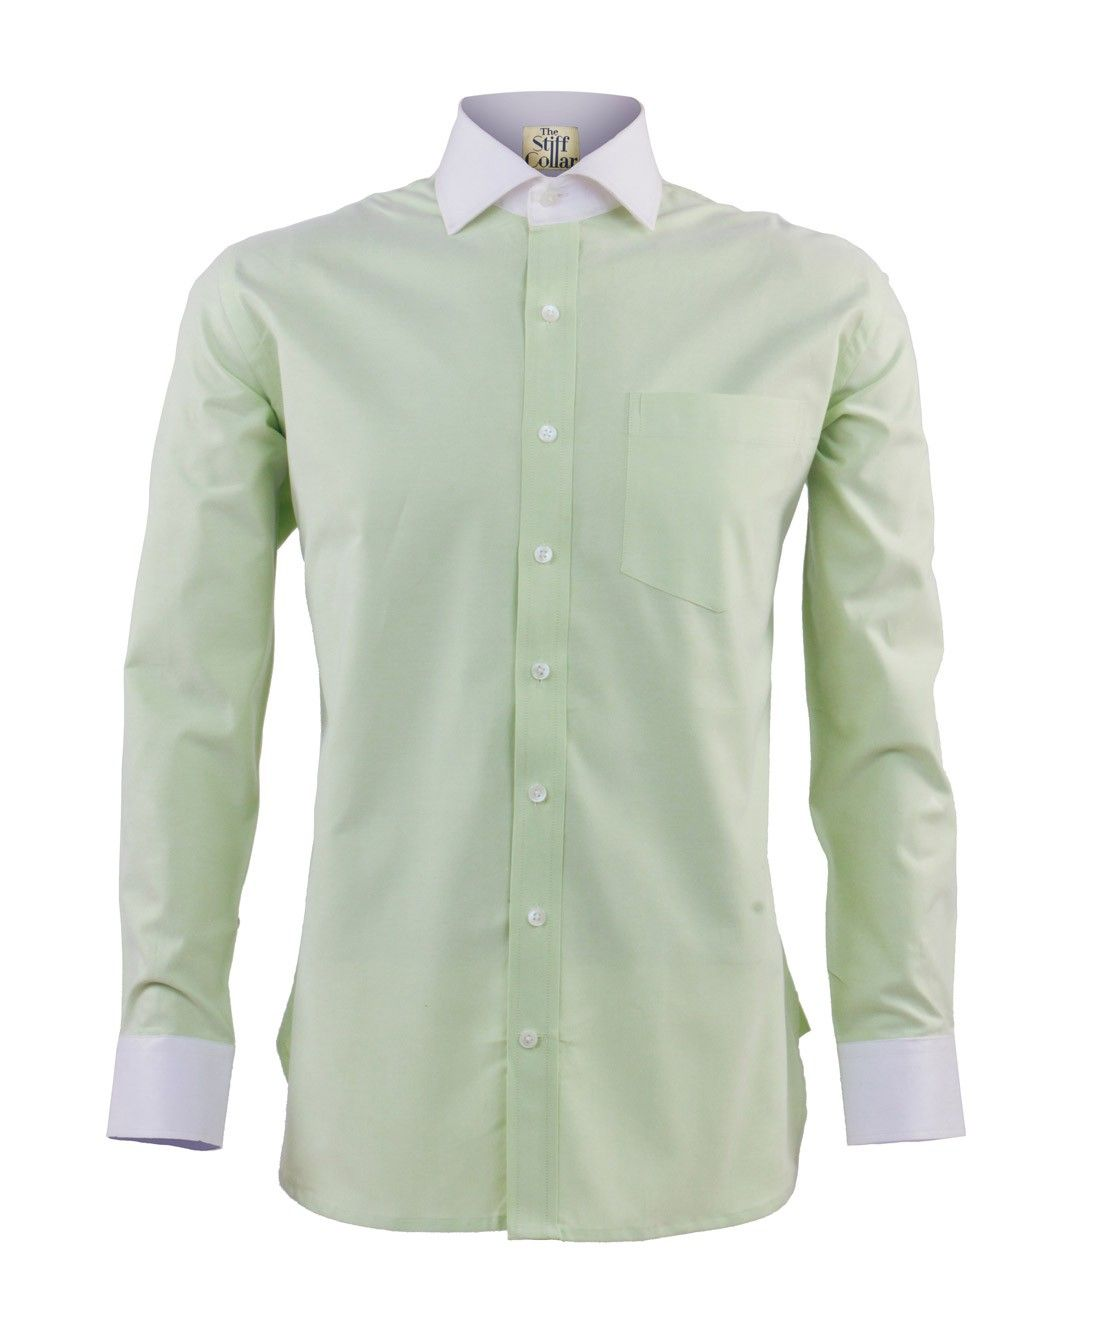 Pista Green Oxford Banker's Shirt